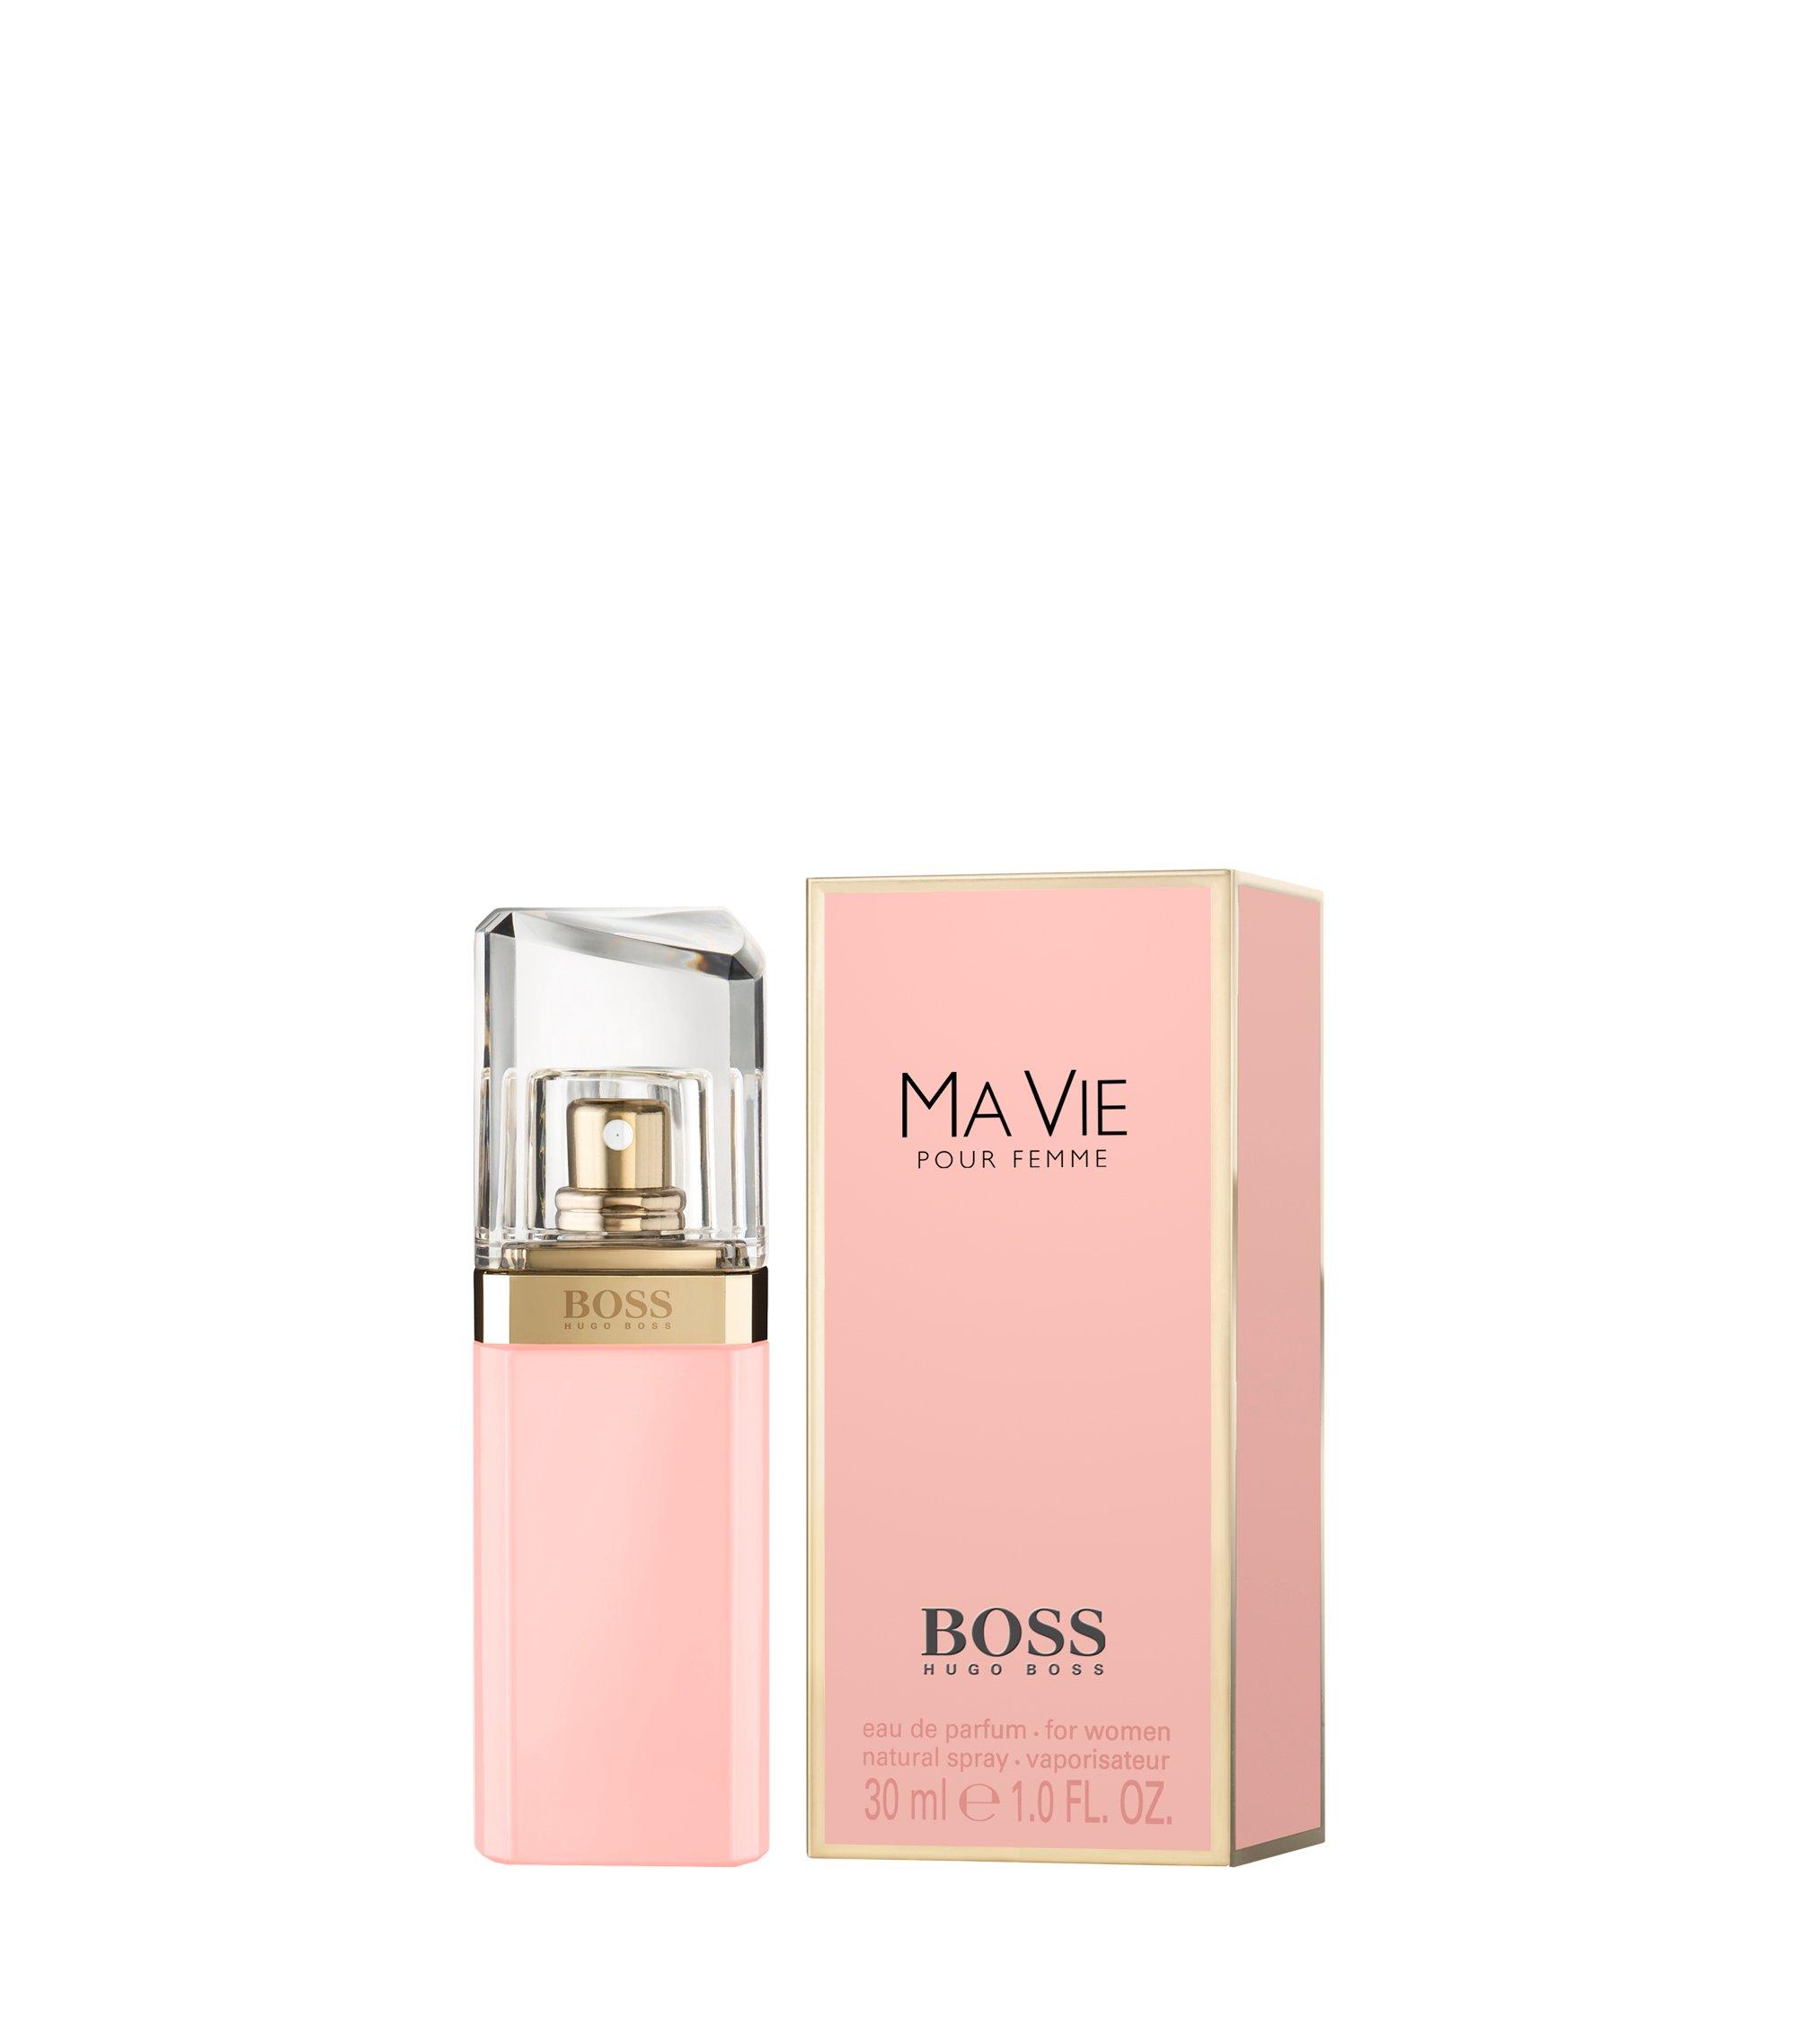 BOSS Ma Vie pour femme eau de parfum 30ml, Assorted-Pre-Pack